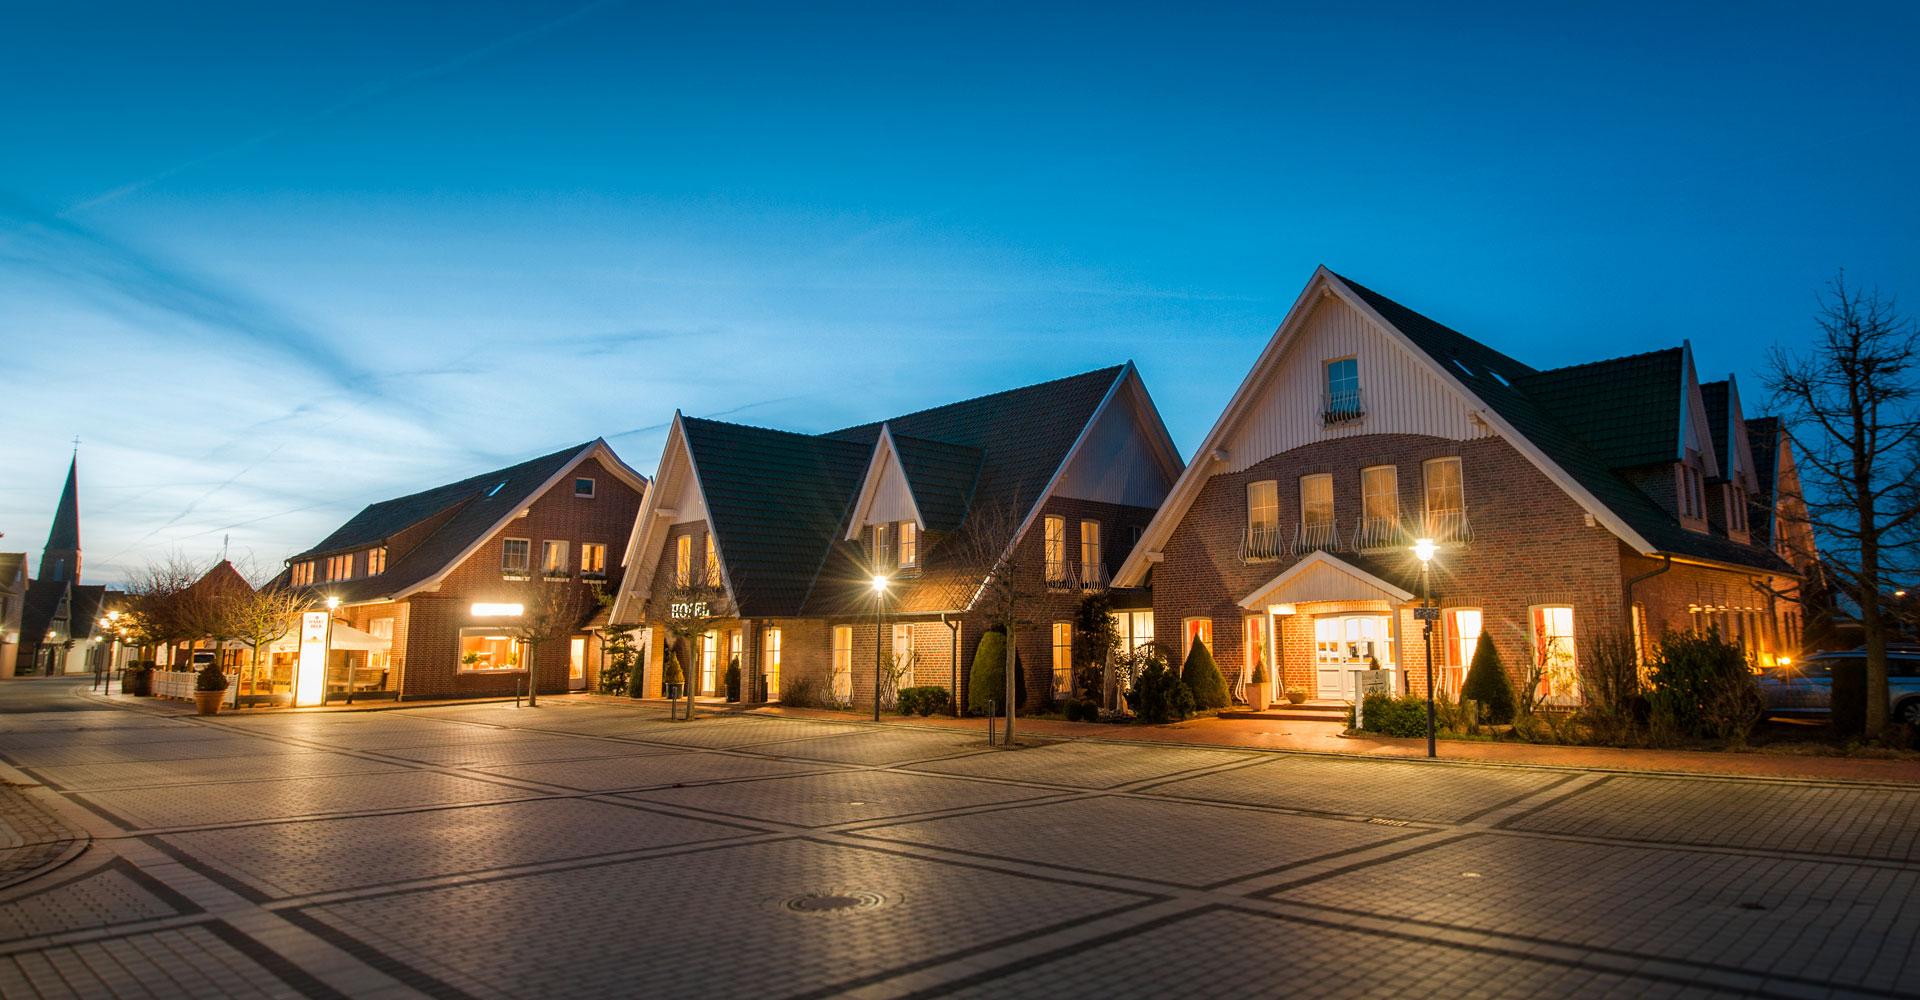 Aussenansicht des Hotel Rheinischen Hof in Dinklage in Niedersachsen